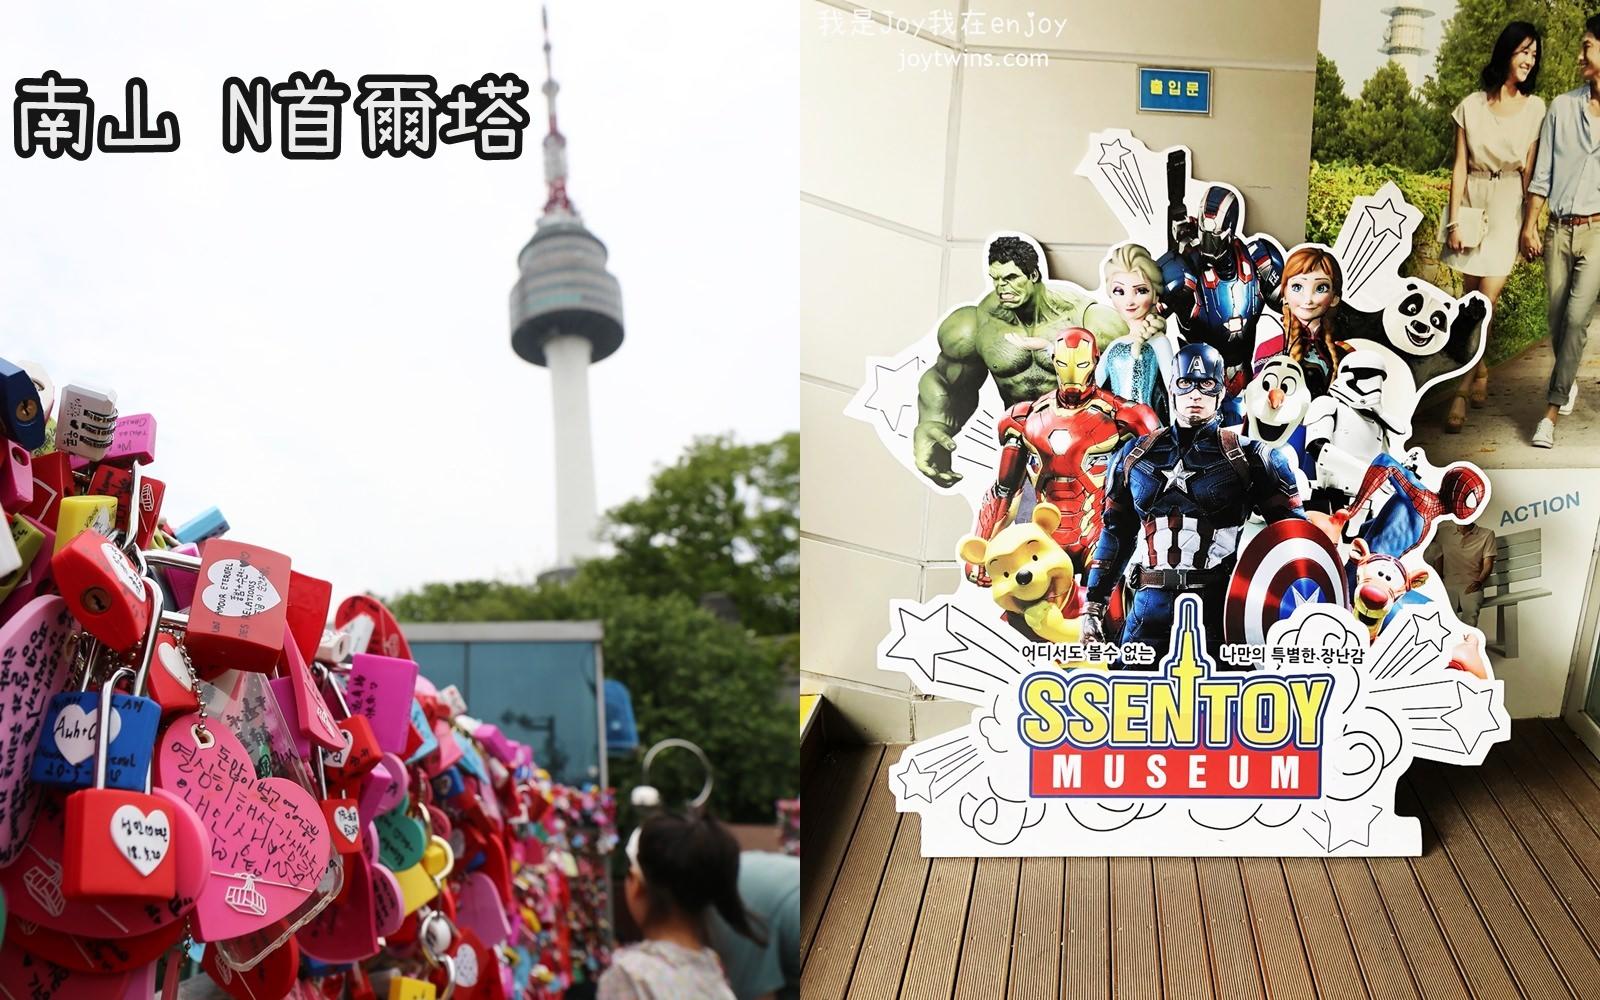 【2018韓國首爾】南山 N首爾塔 SSENTOY展覽館 漫威/ 星際大戰/迪士尼/ 皮克斯迷通通來吧!